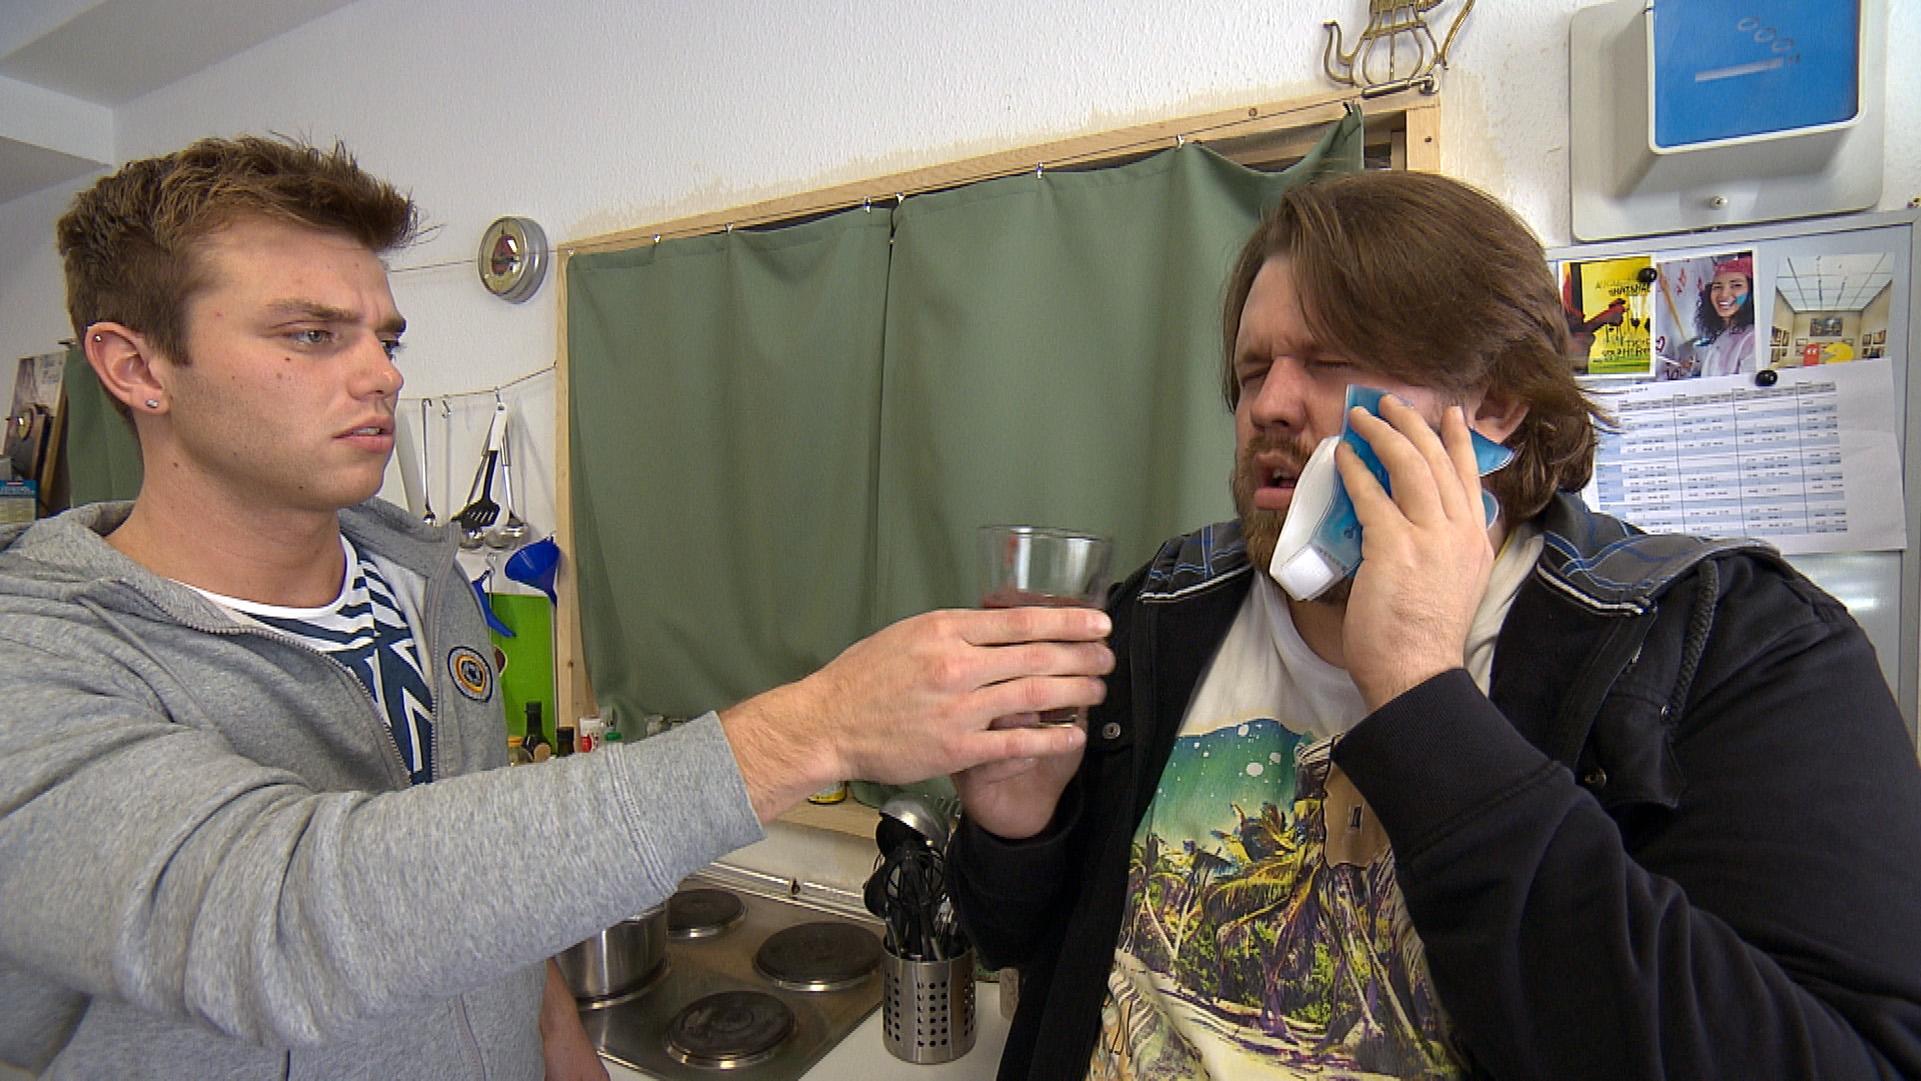 Jans Zahnschmerzen bringen ihn um den Verstand, doch seine Angst vor dem Zahnarzt ist größer.. Felix tut was er kann, um Jan zu helfen (Quelle: RTL 2)